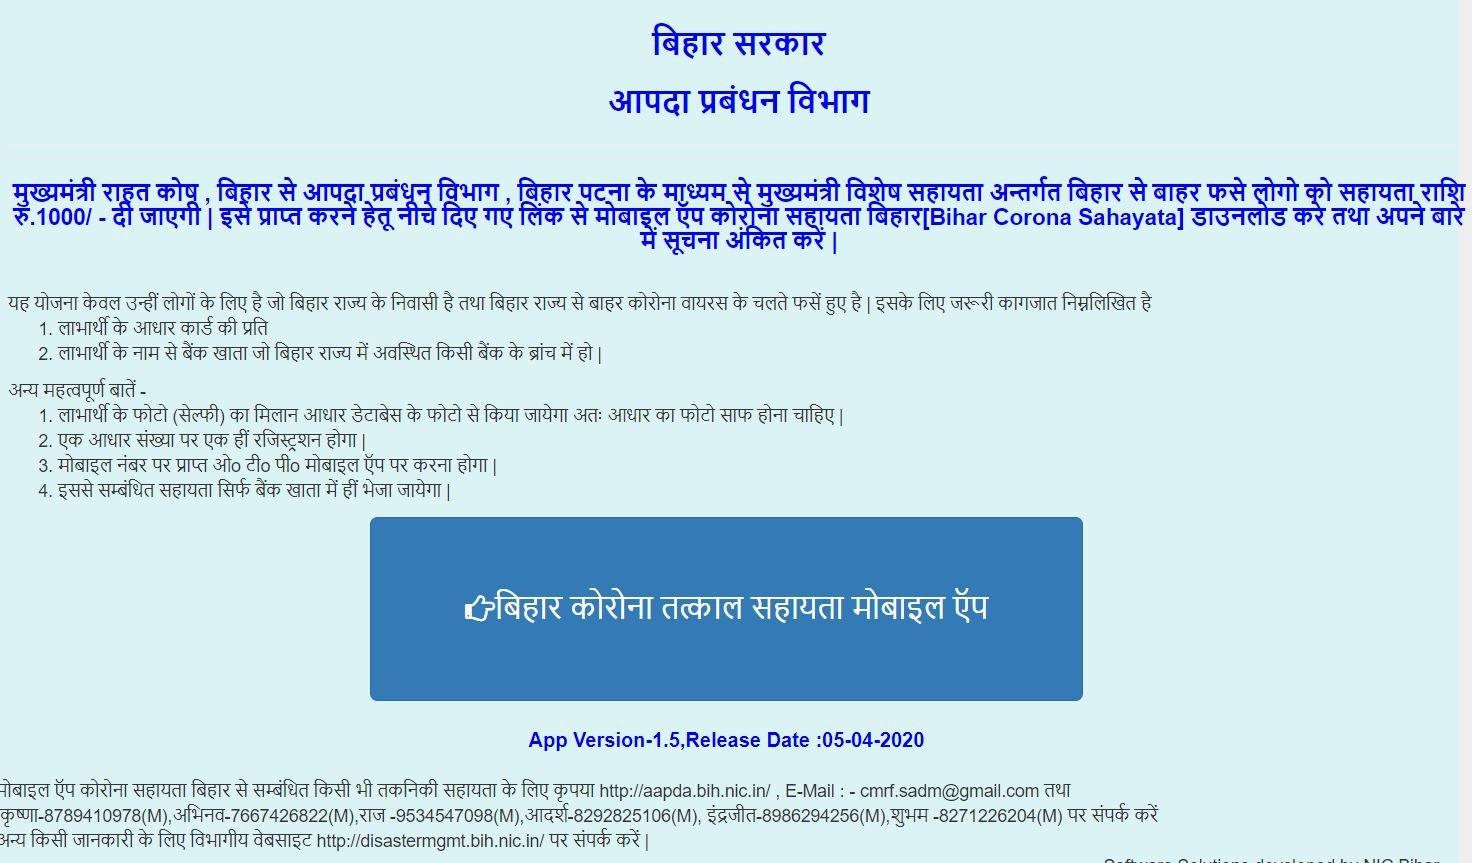 बिहार कोरोना तत्काल सहायता ऐप